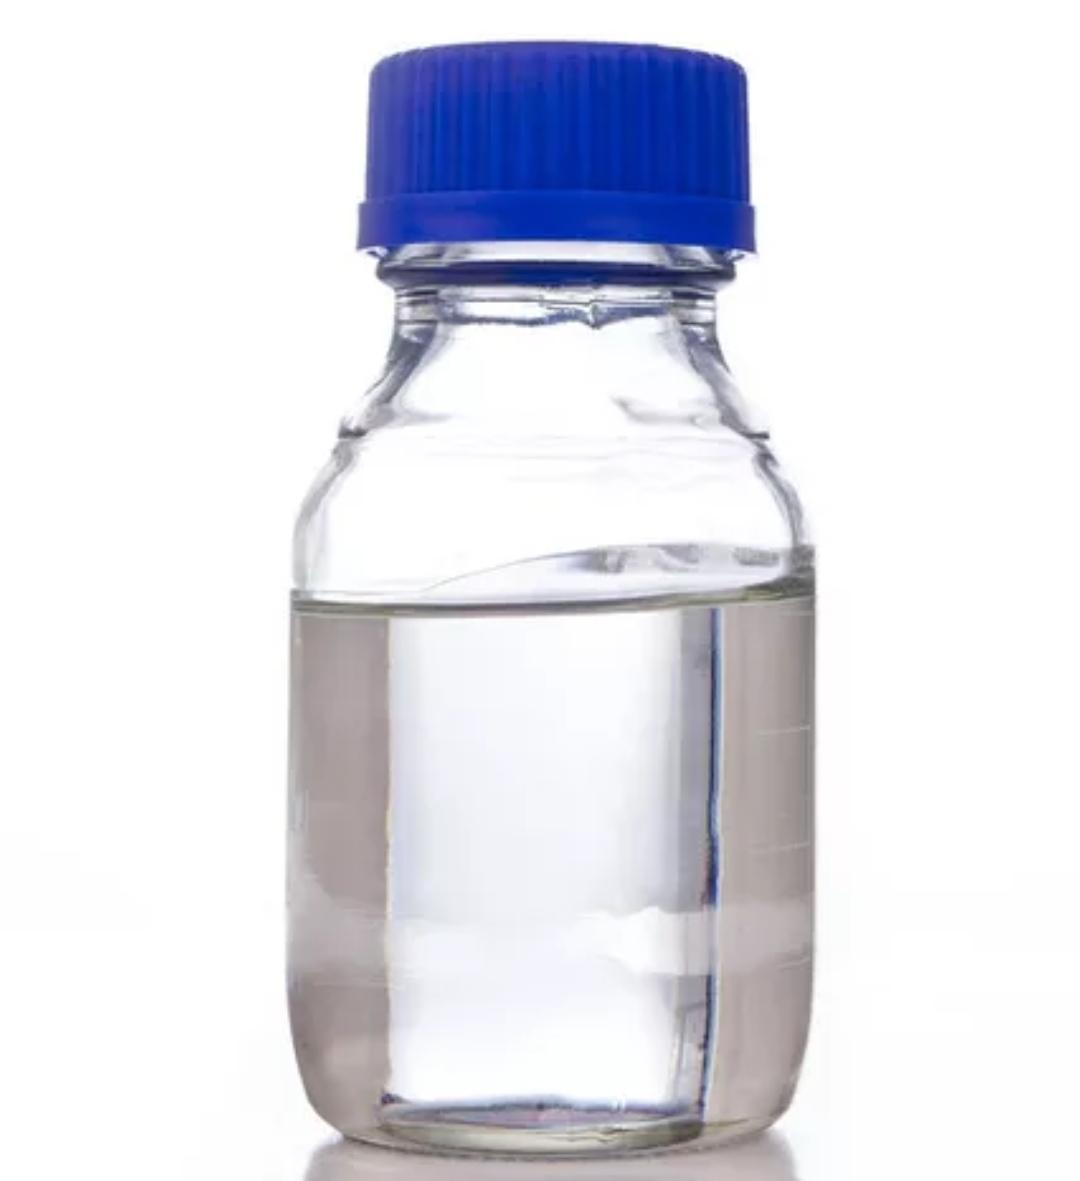 Tetravinyltetramethylcyclotetrasiloxane